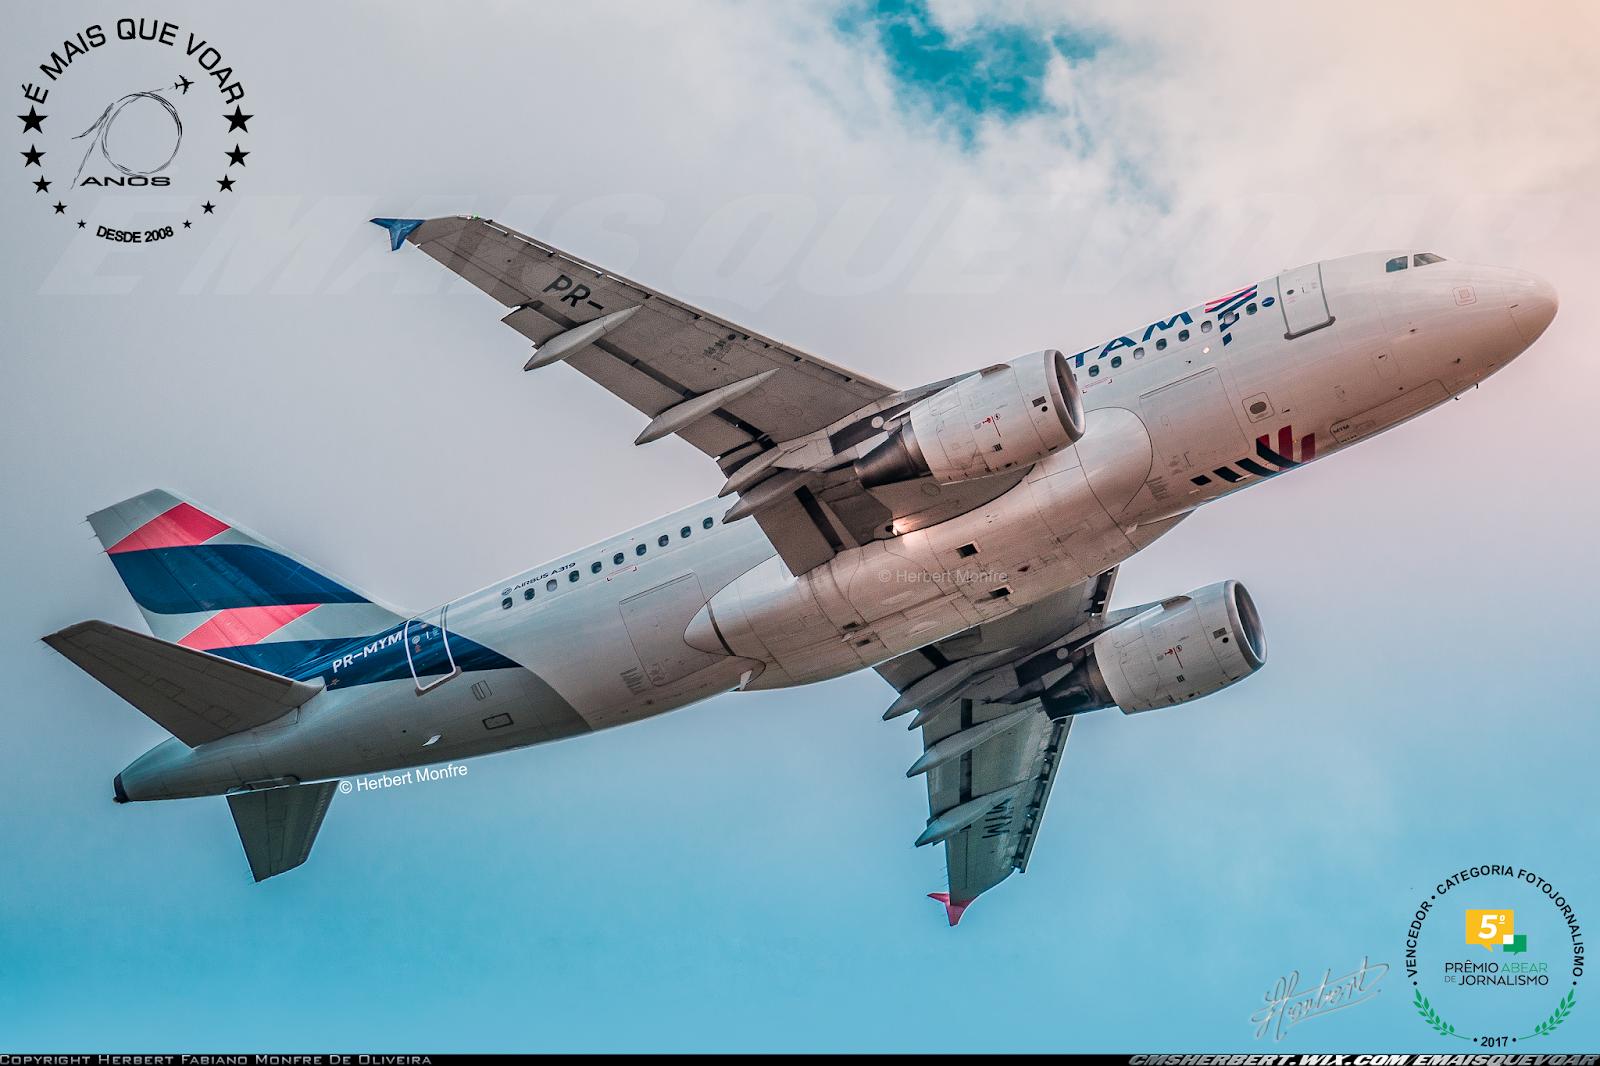 LATAM Airlines divulga estatísticas operacionais preliminares de abril de 2019   Foto © Herbert Monfre - É MAIS QUE VOAR